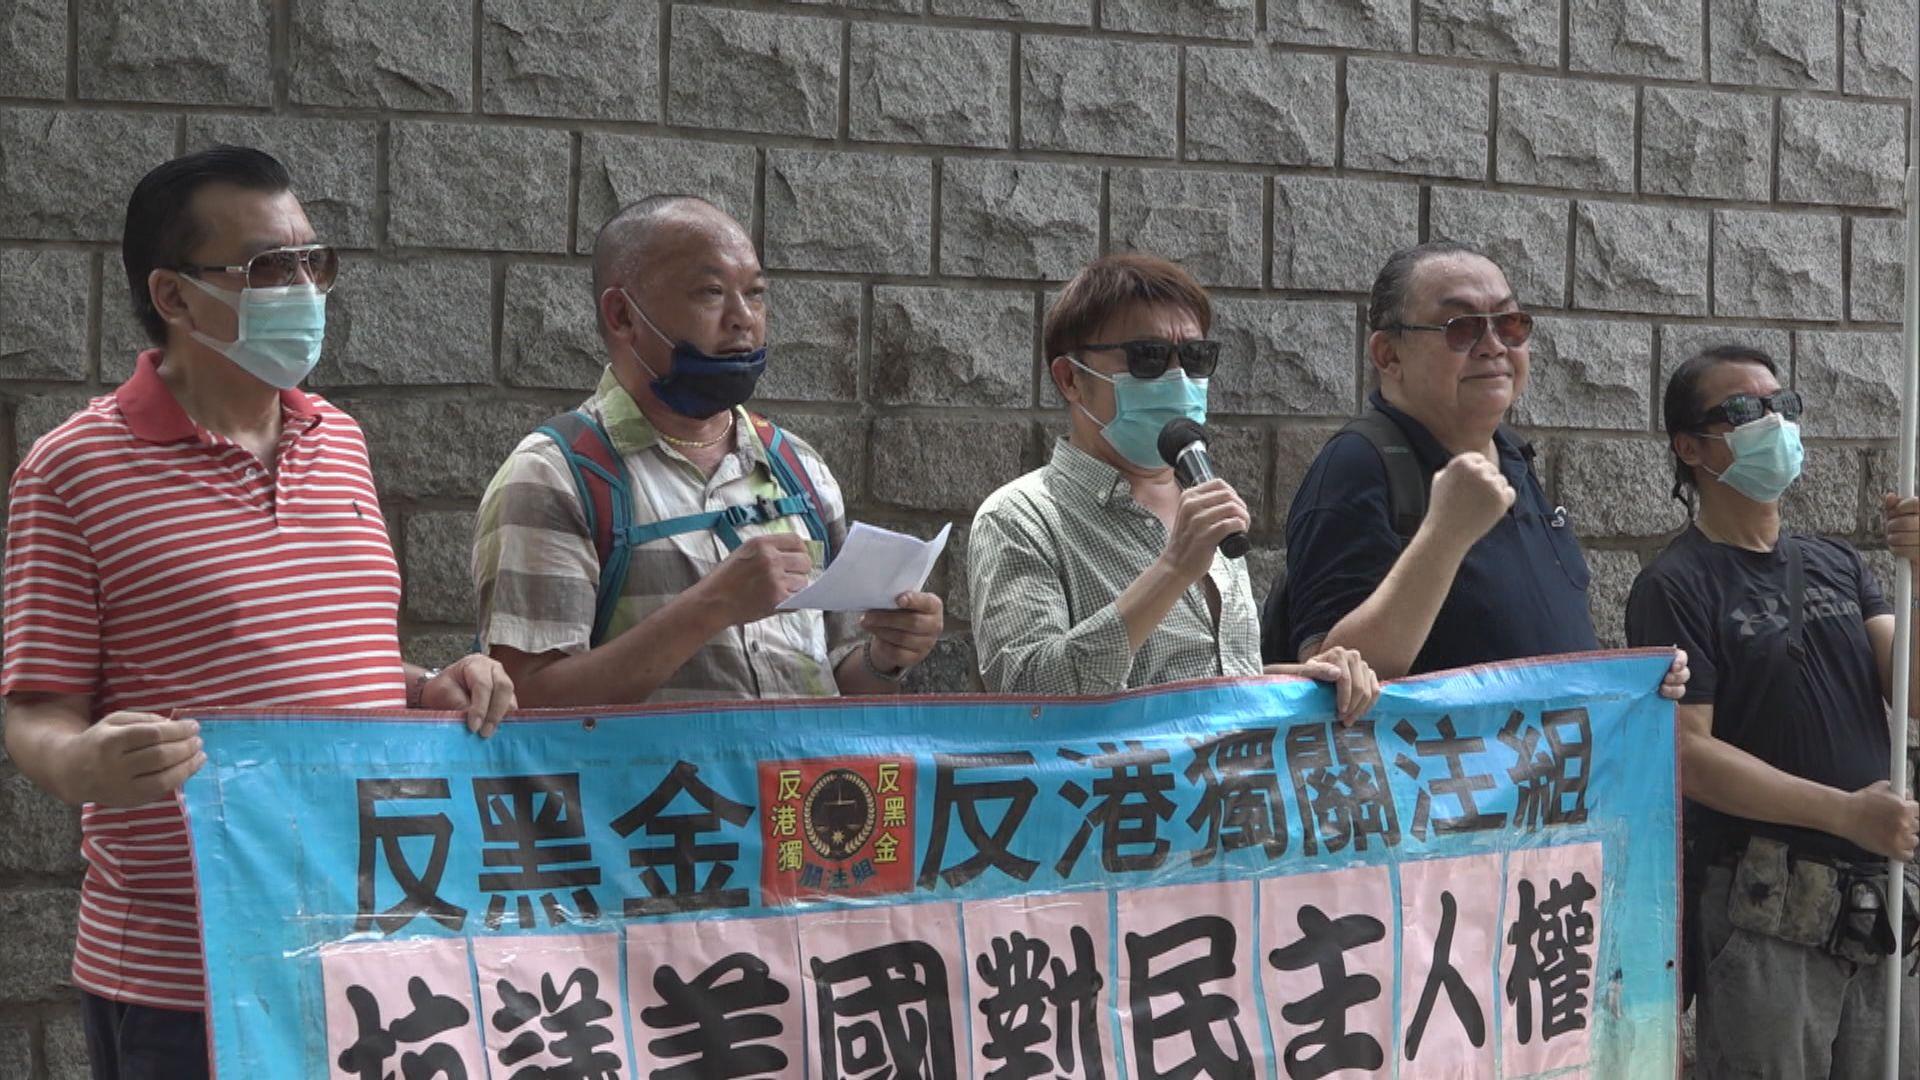 有團體到美領事館抗議美國干預中國內政